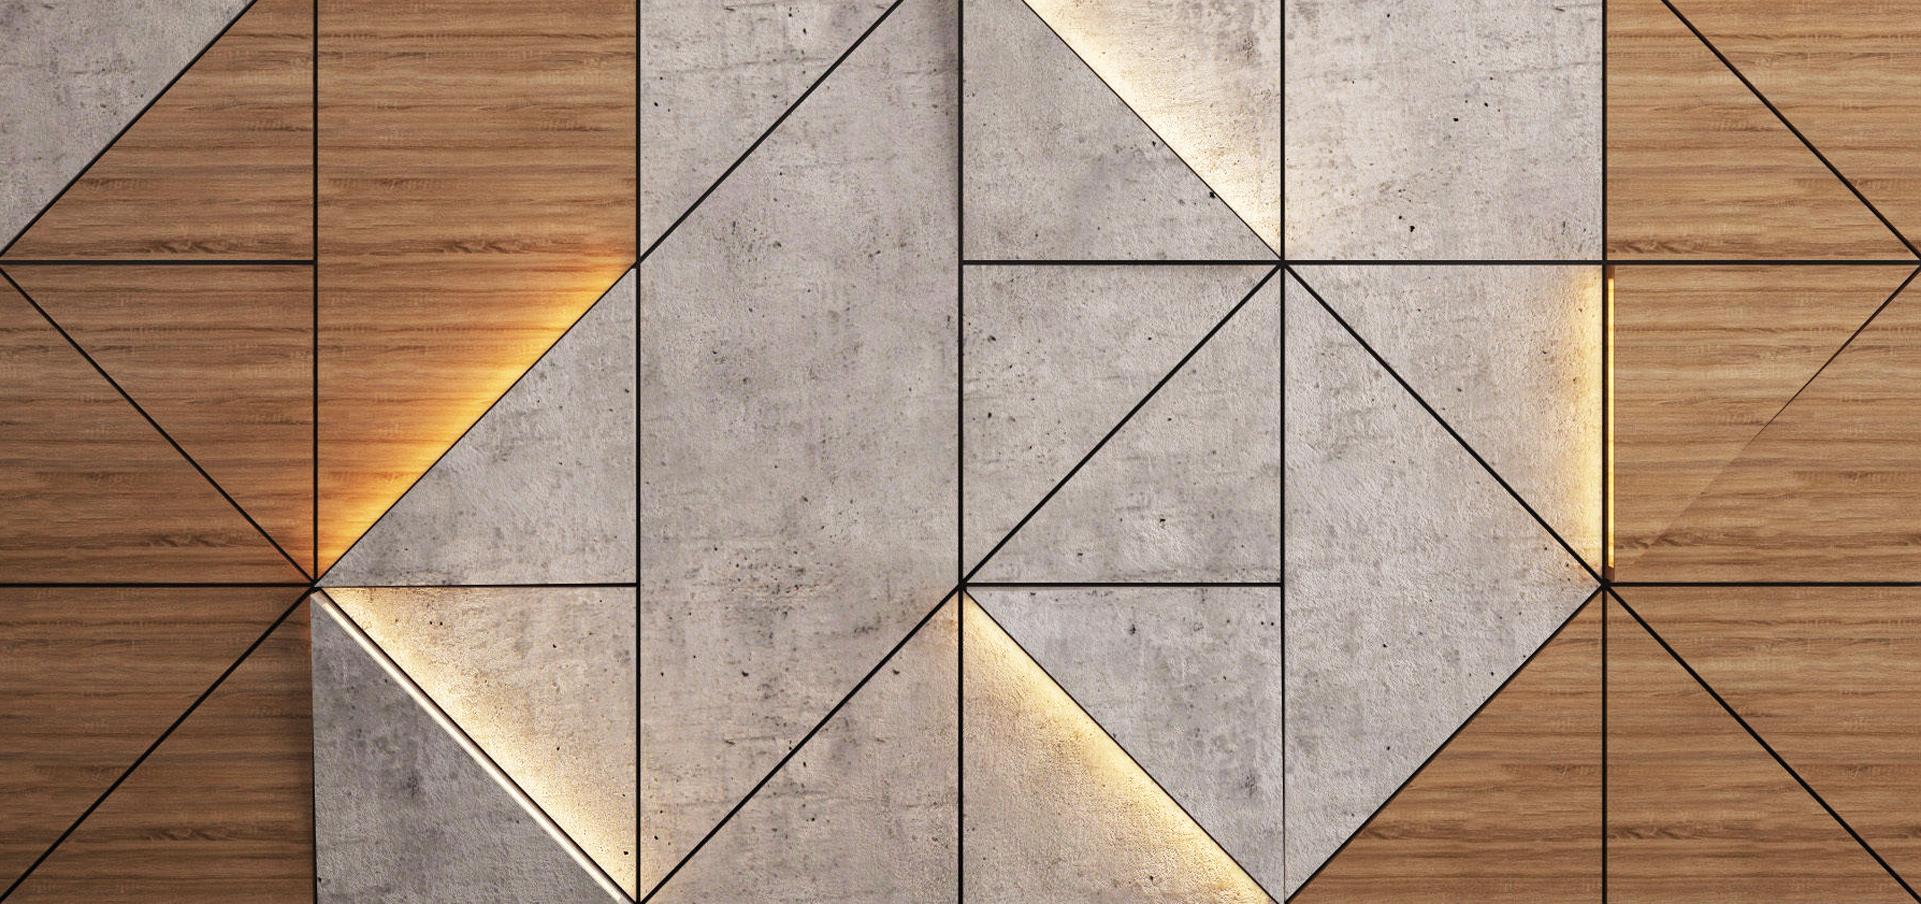 Стеновые панели из МДФ шпон, Валхромат, Вирок